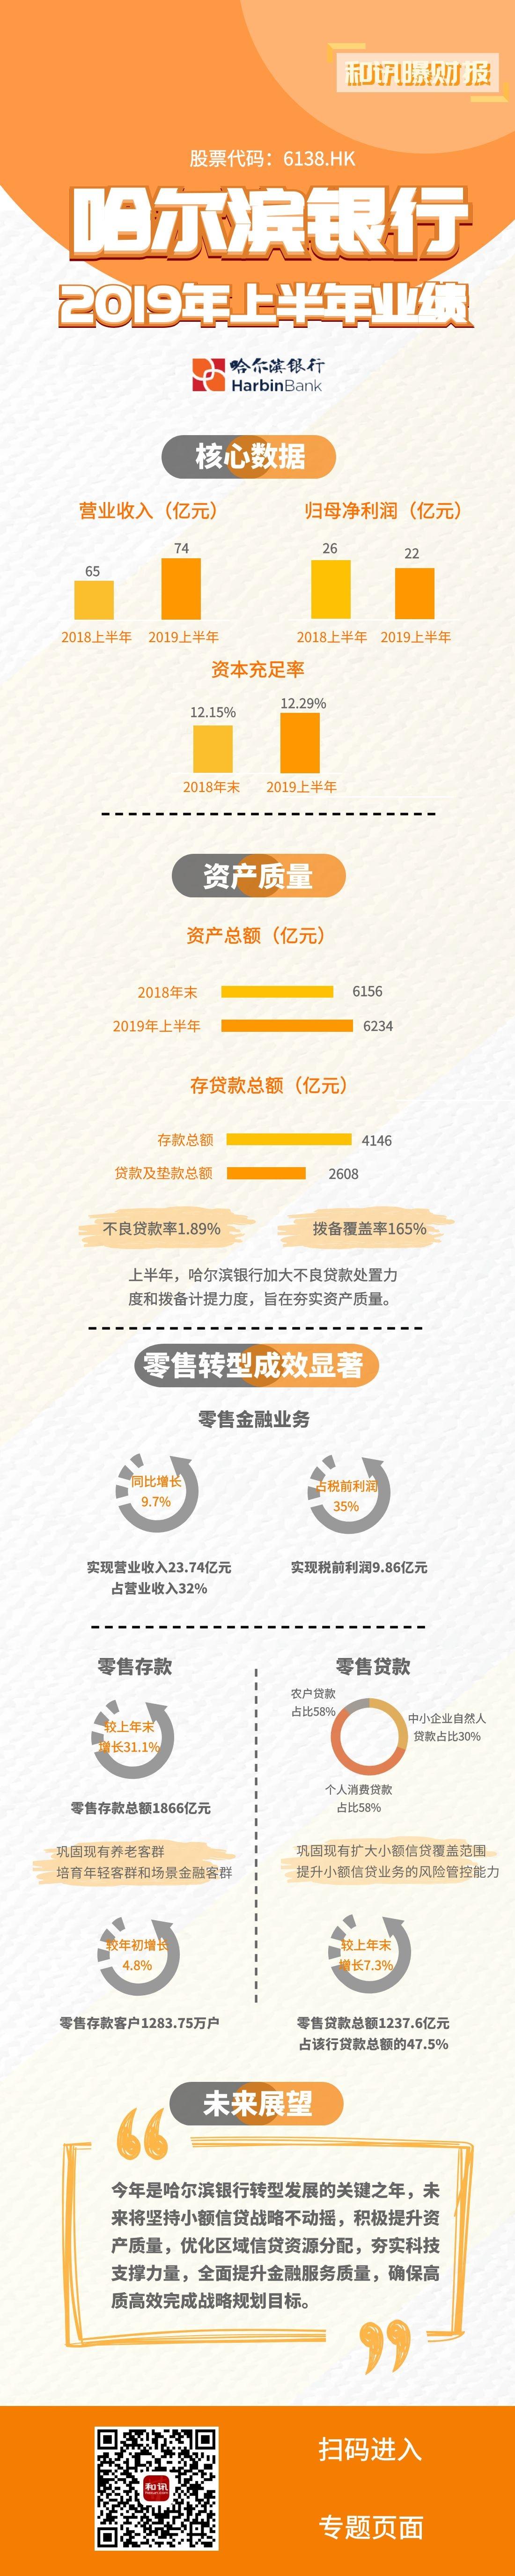 一图看懂哈尔滨银行2019年上半年业绩报告